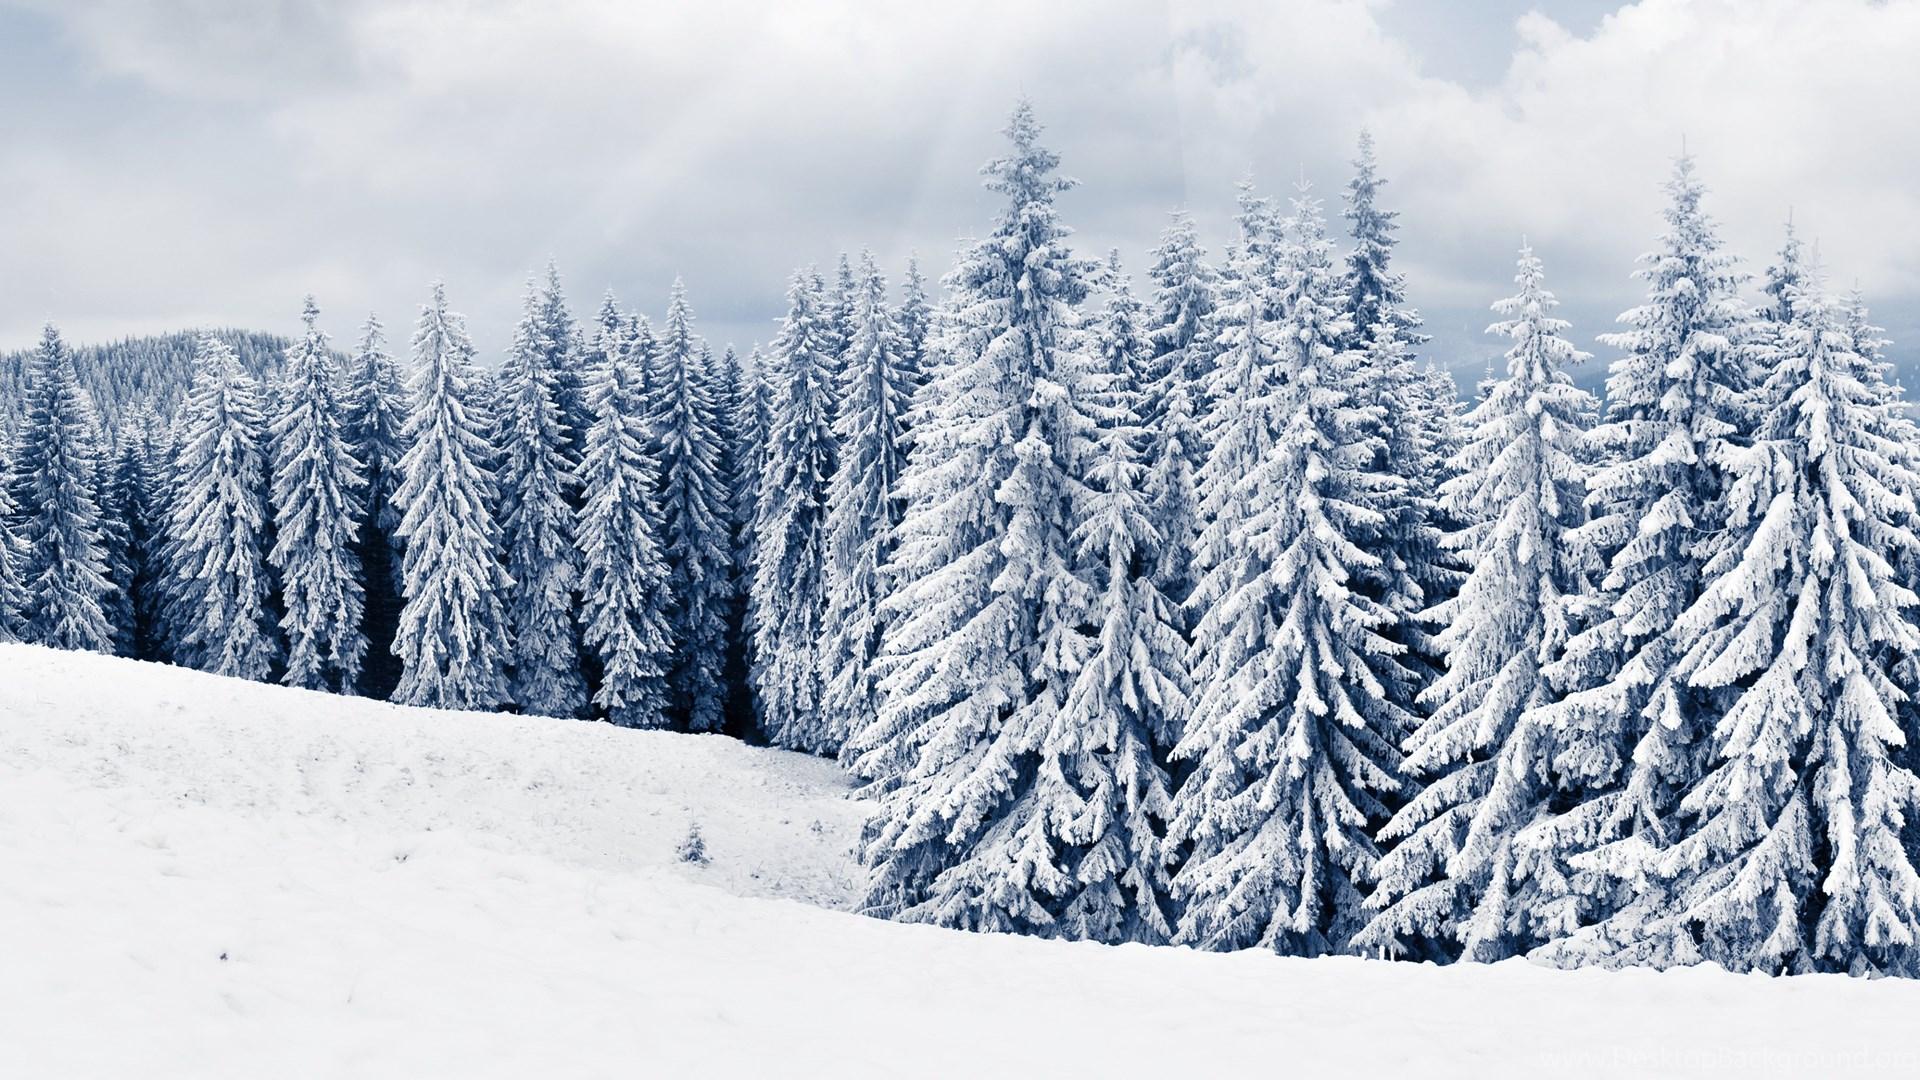 Winter Hd Desktop Wallpapers High Definition Fullscreen